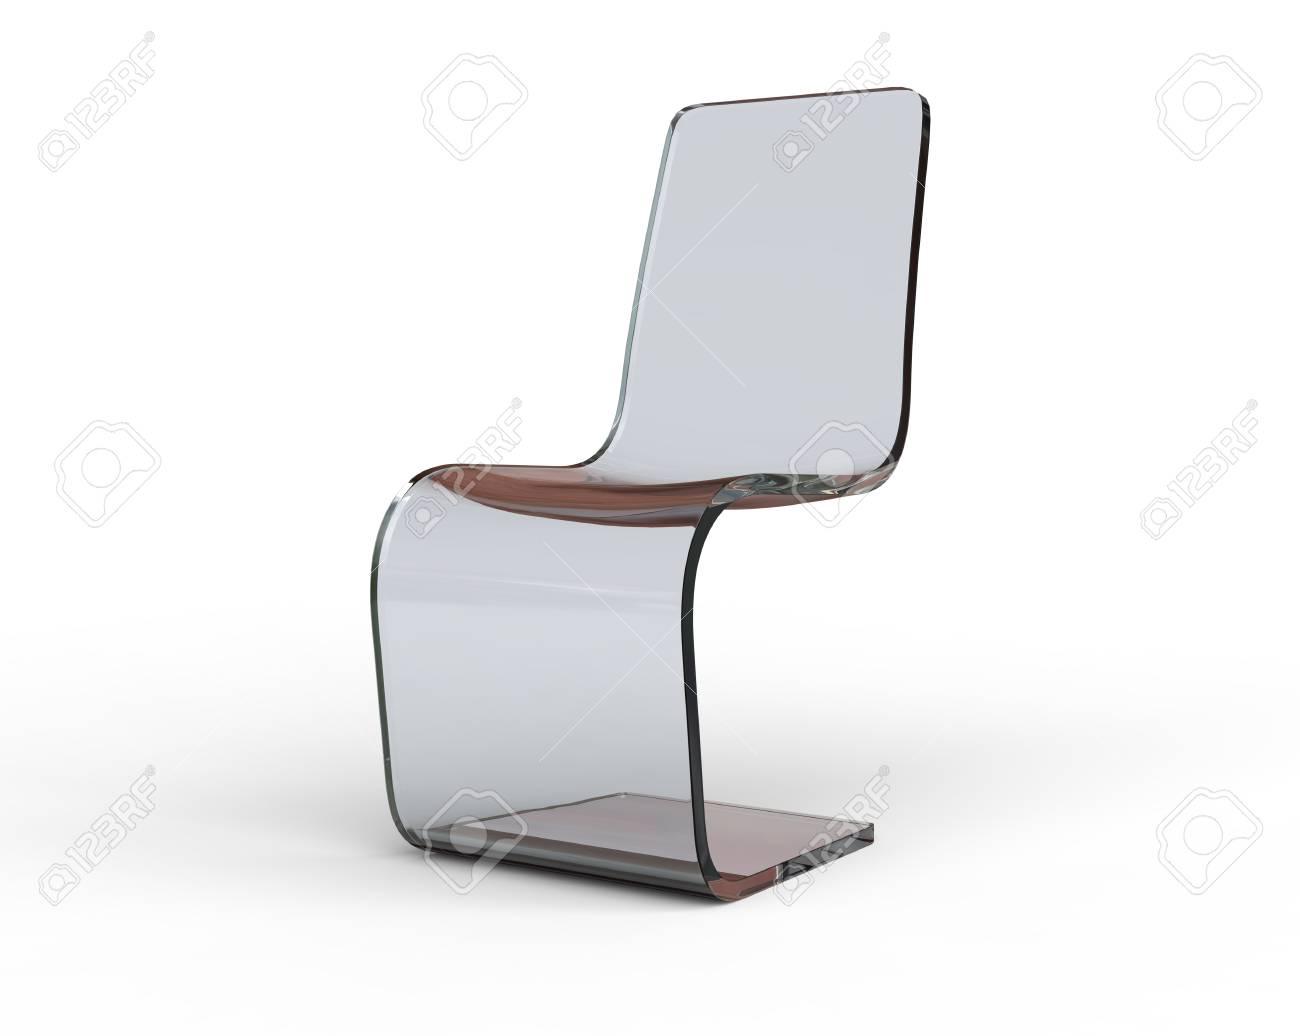 Sedia Di Plastica Moderna Isolato Su Sfondo Bianco Vista Frontale